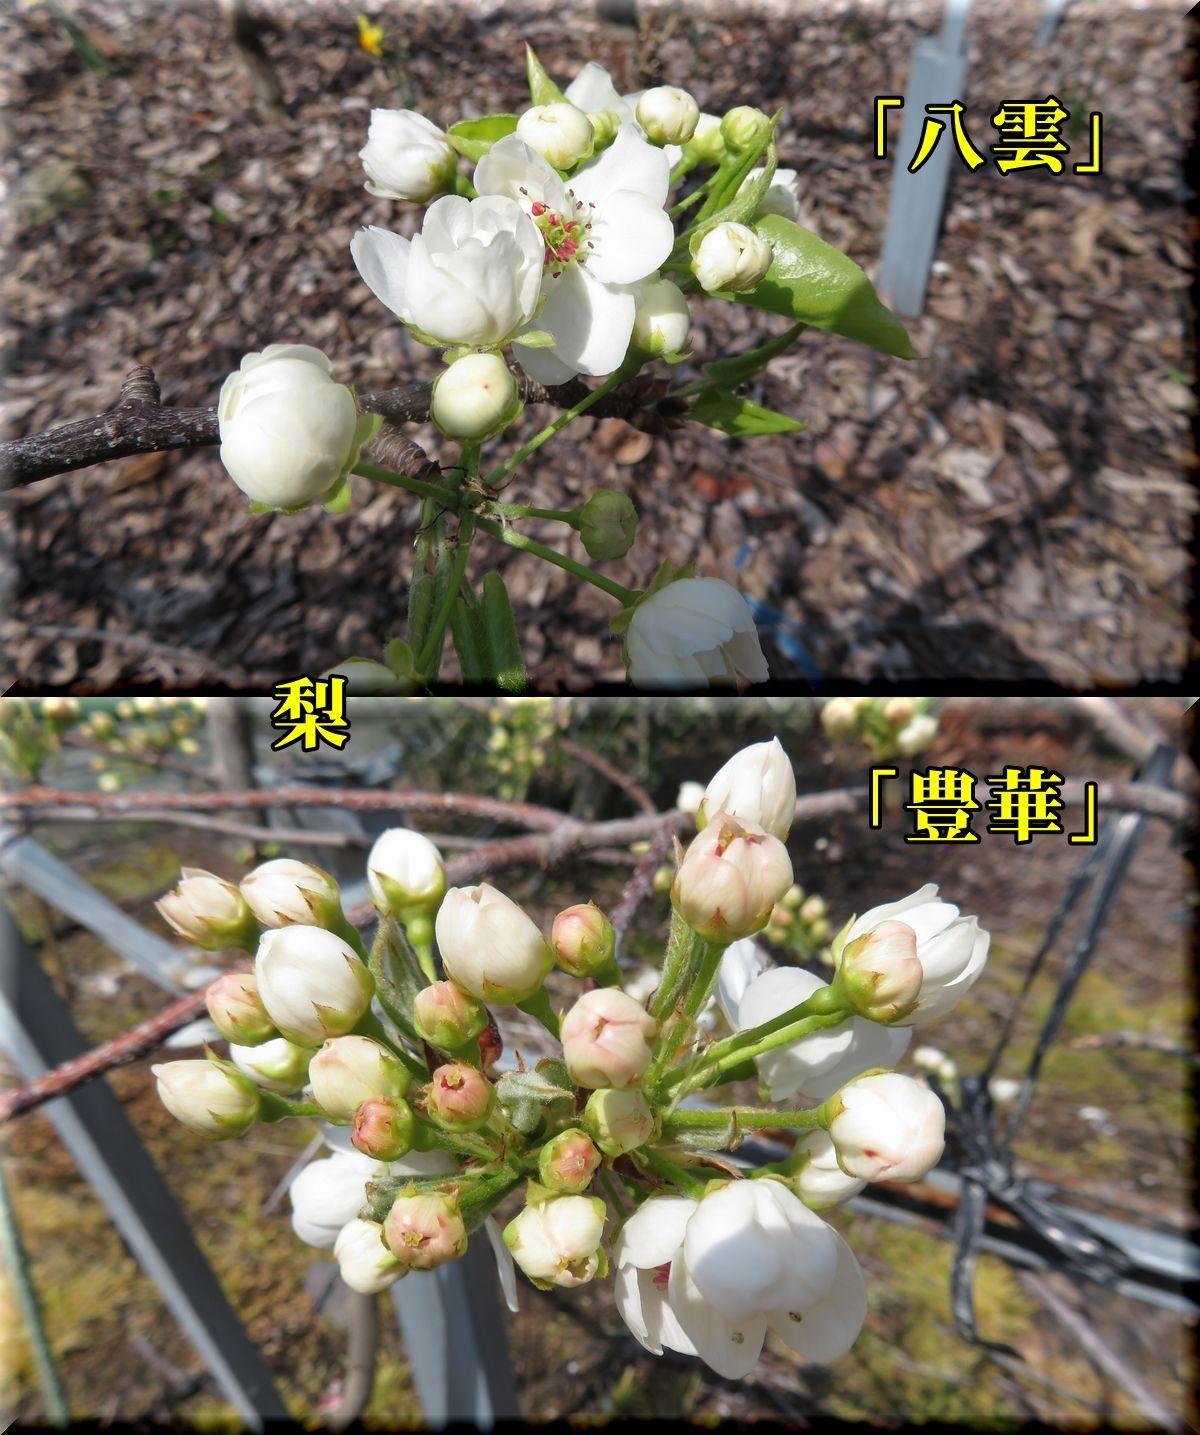 1yakumo_yutaka180329_013.jpg